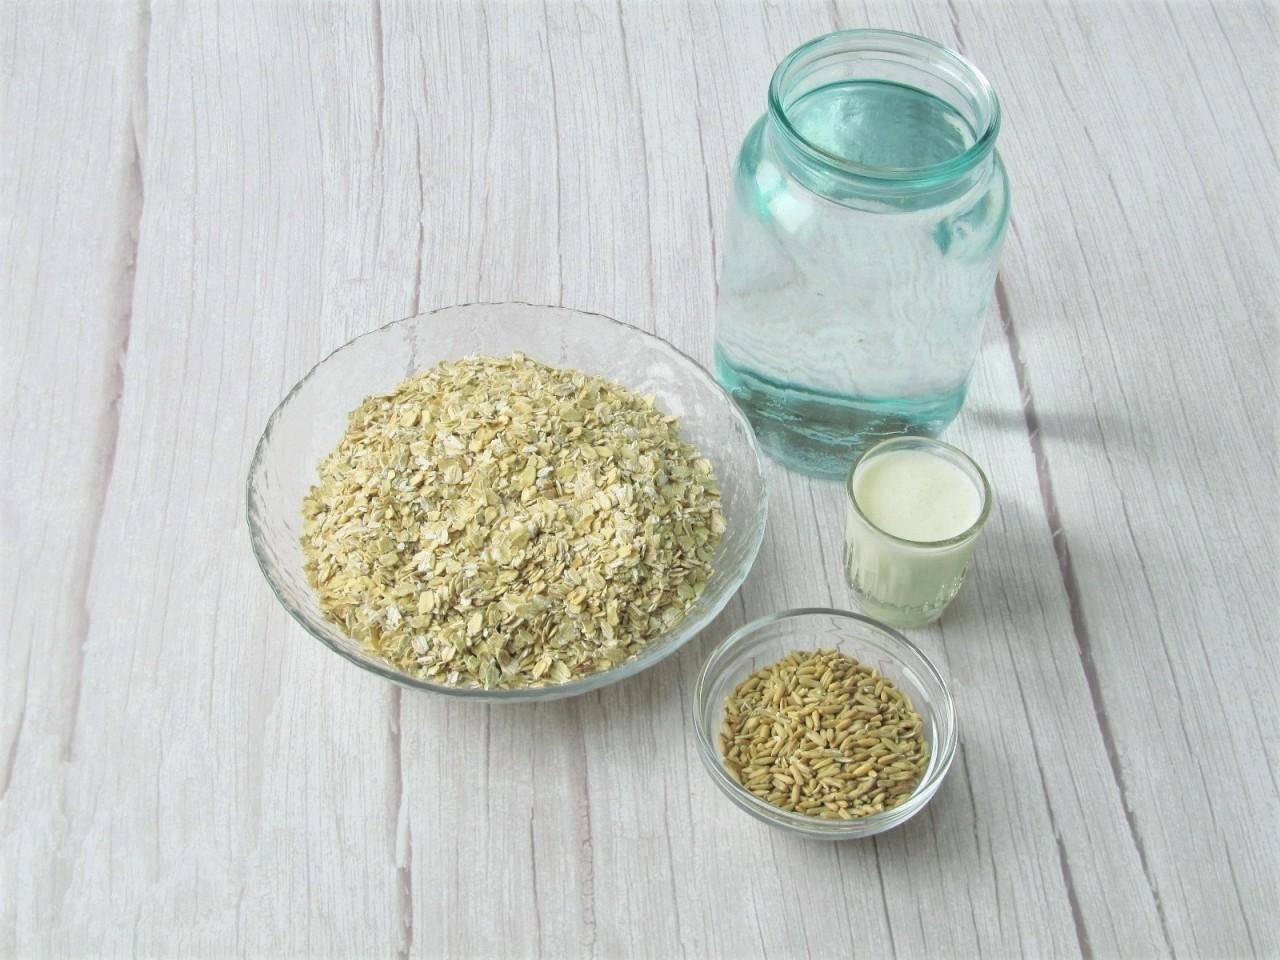 Овсяный кисель изотова: польза и вред, пошаговый рецепт, отзывы врачей